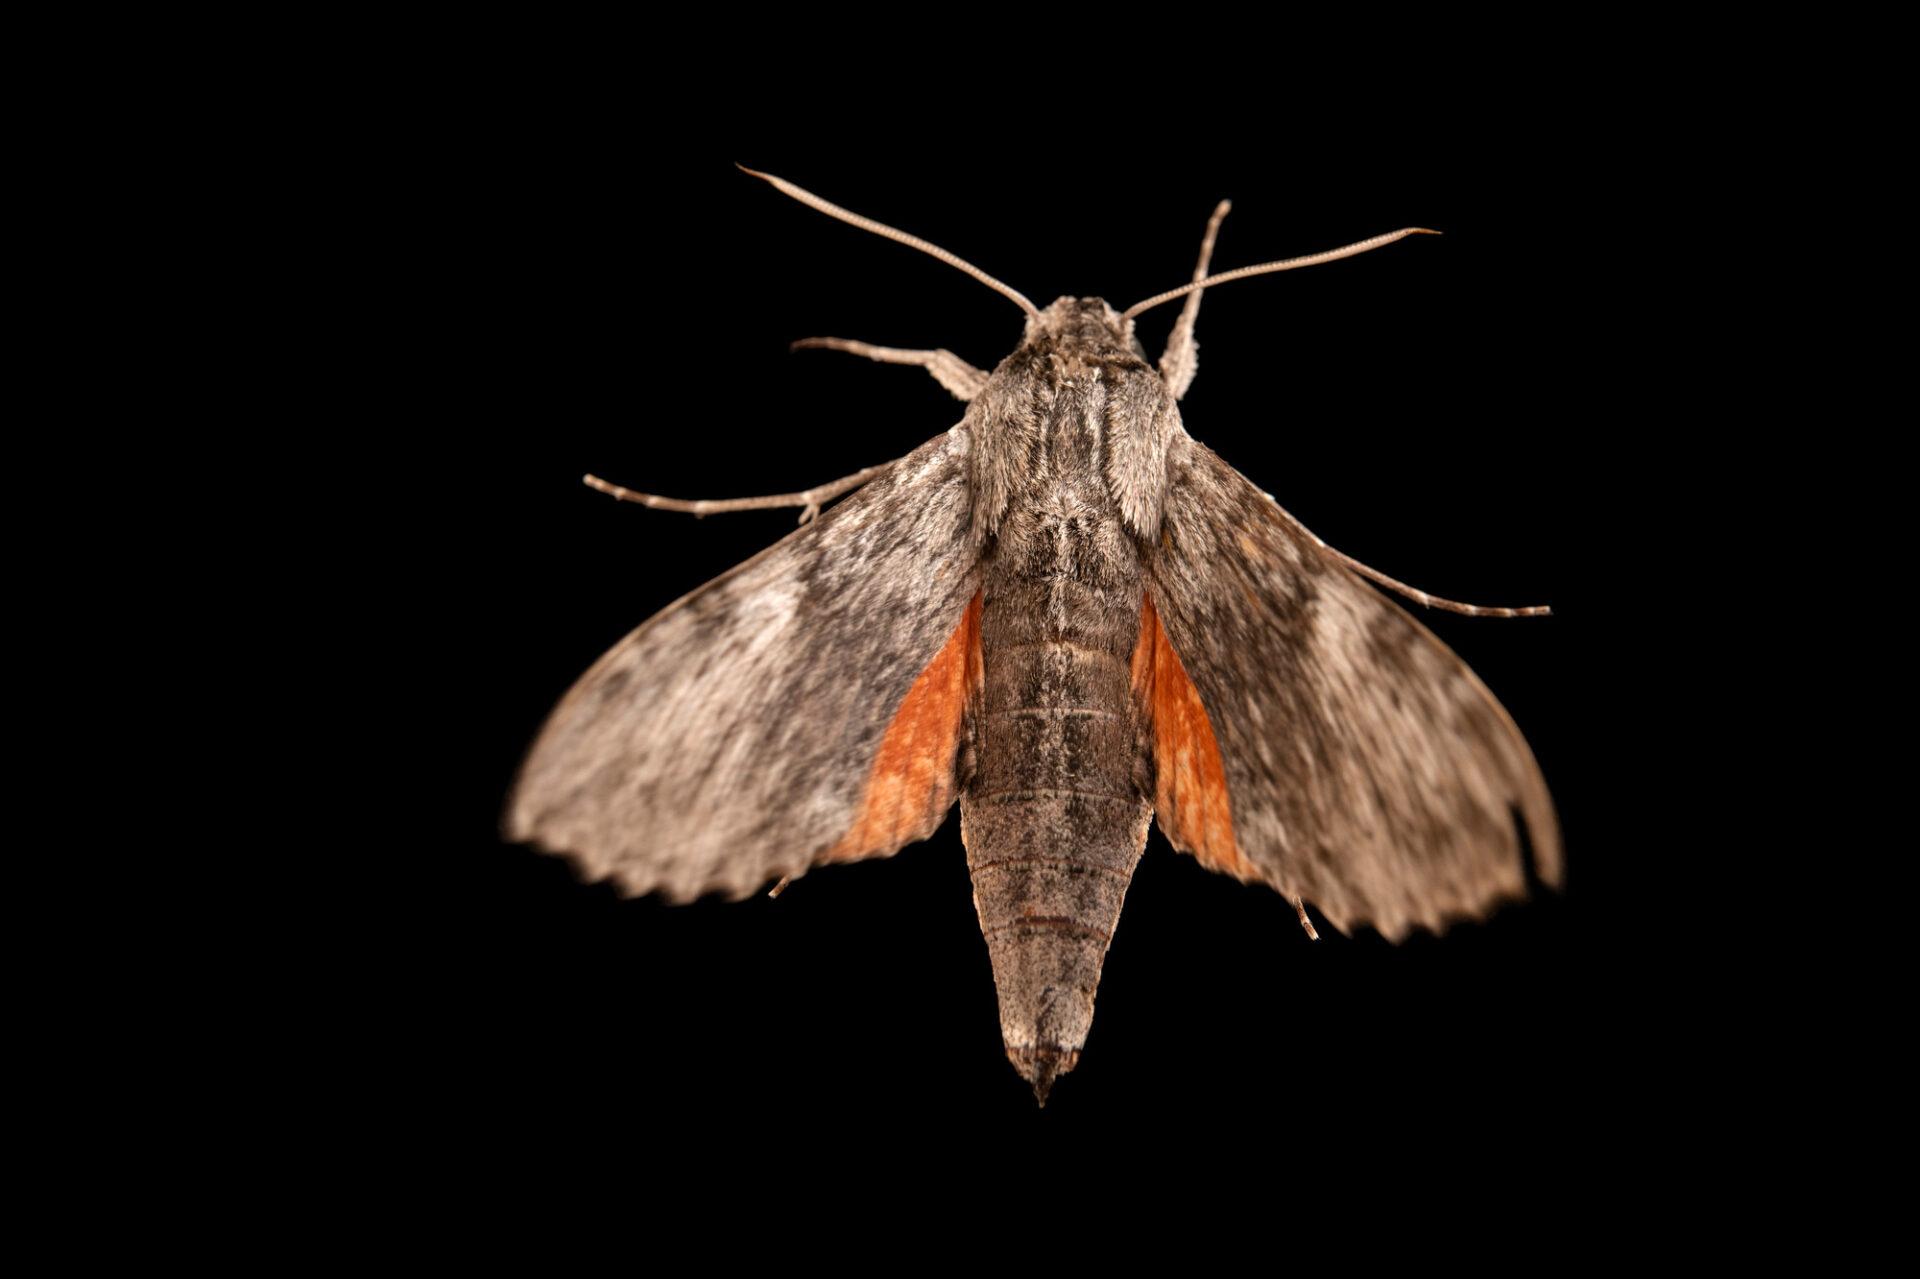 Photo: An unidentified species of moth at Centro Jambatu in Quito, Ecuador.